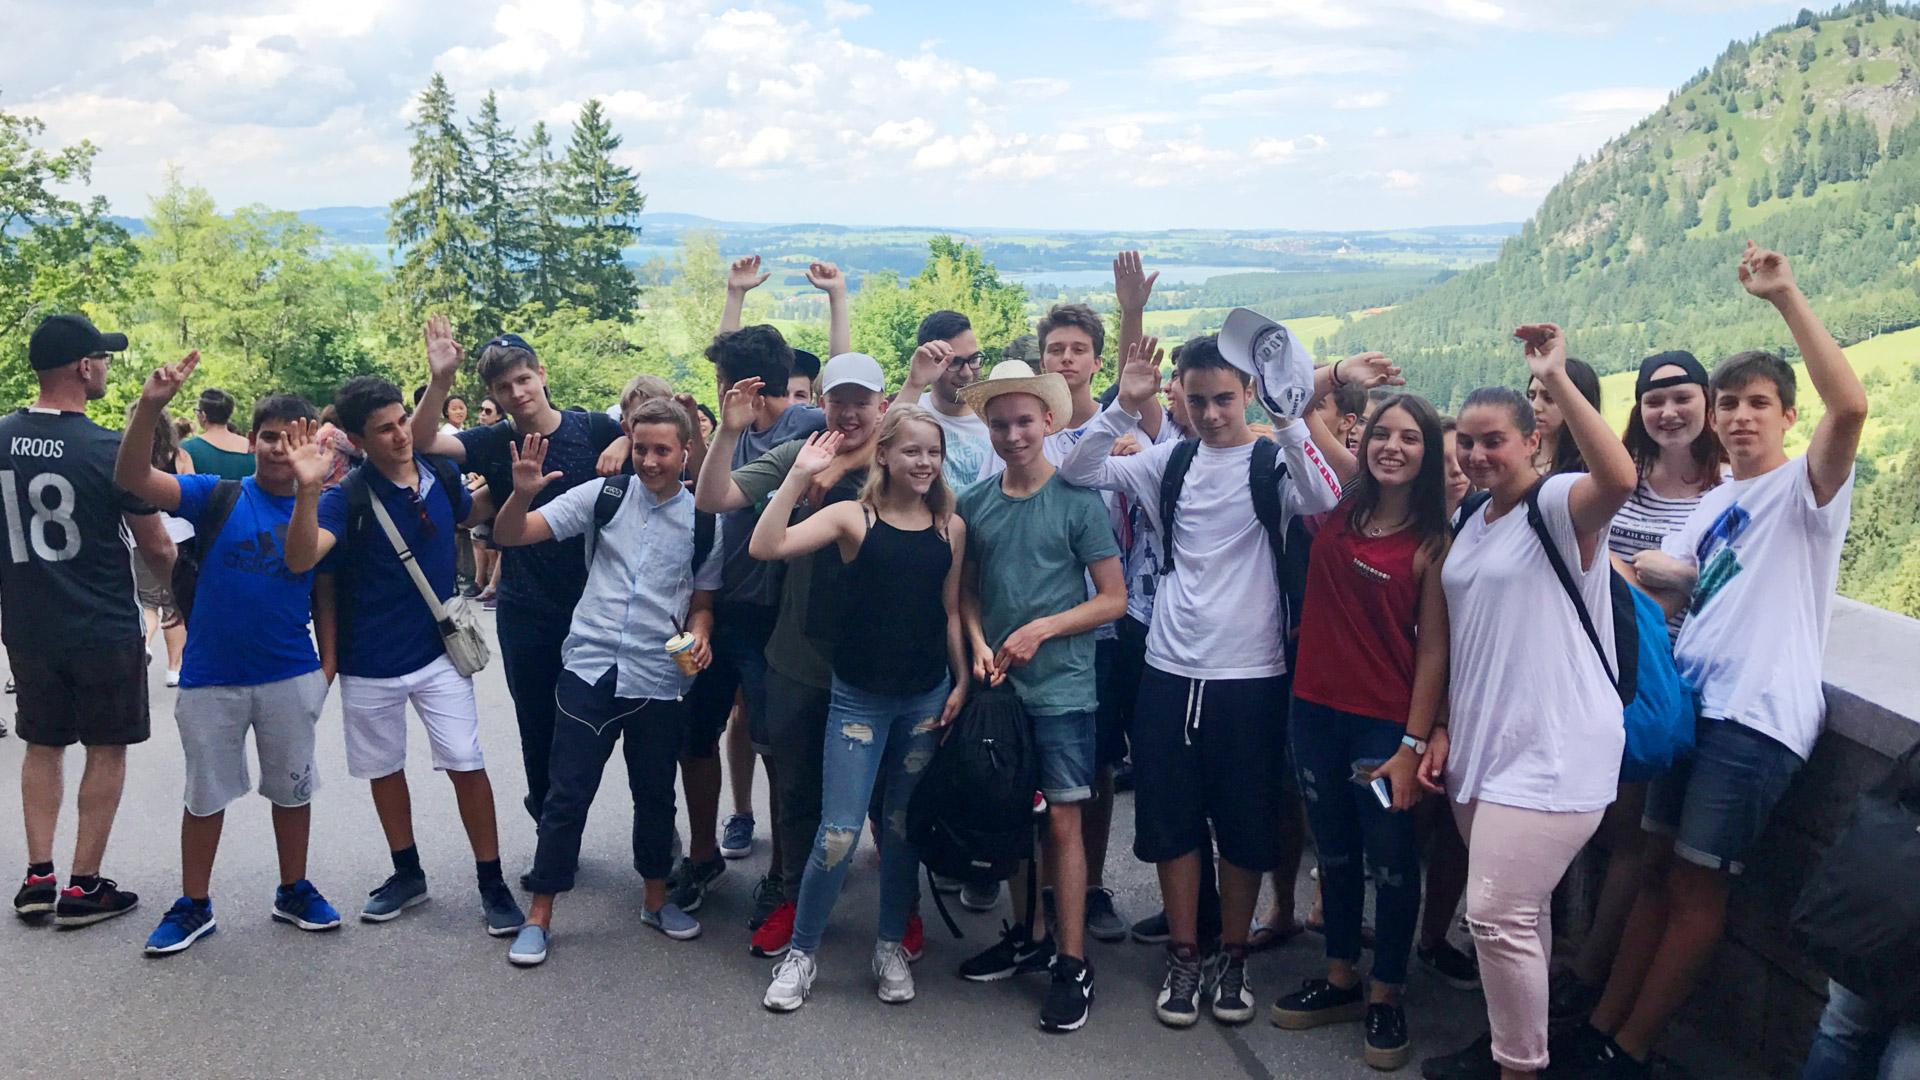 Sonthofen-Neuschwanstein_visit-6195-16x9